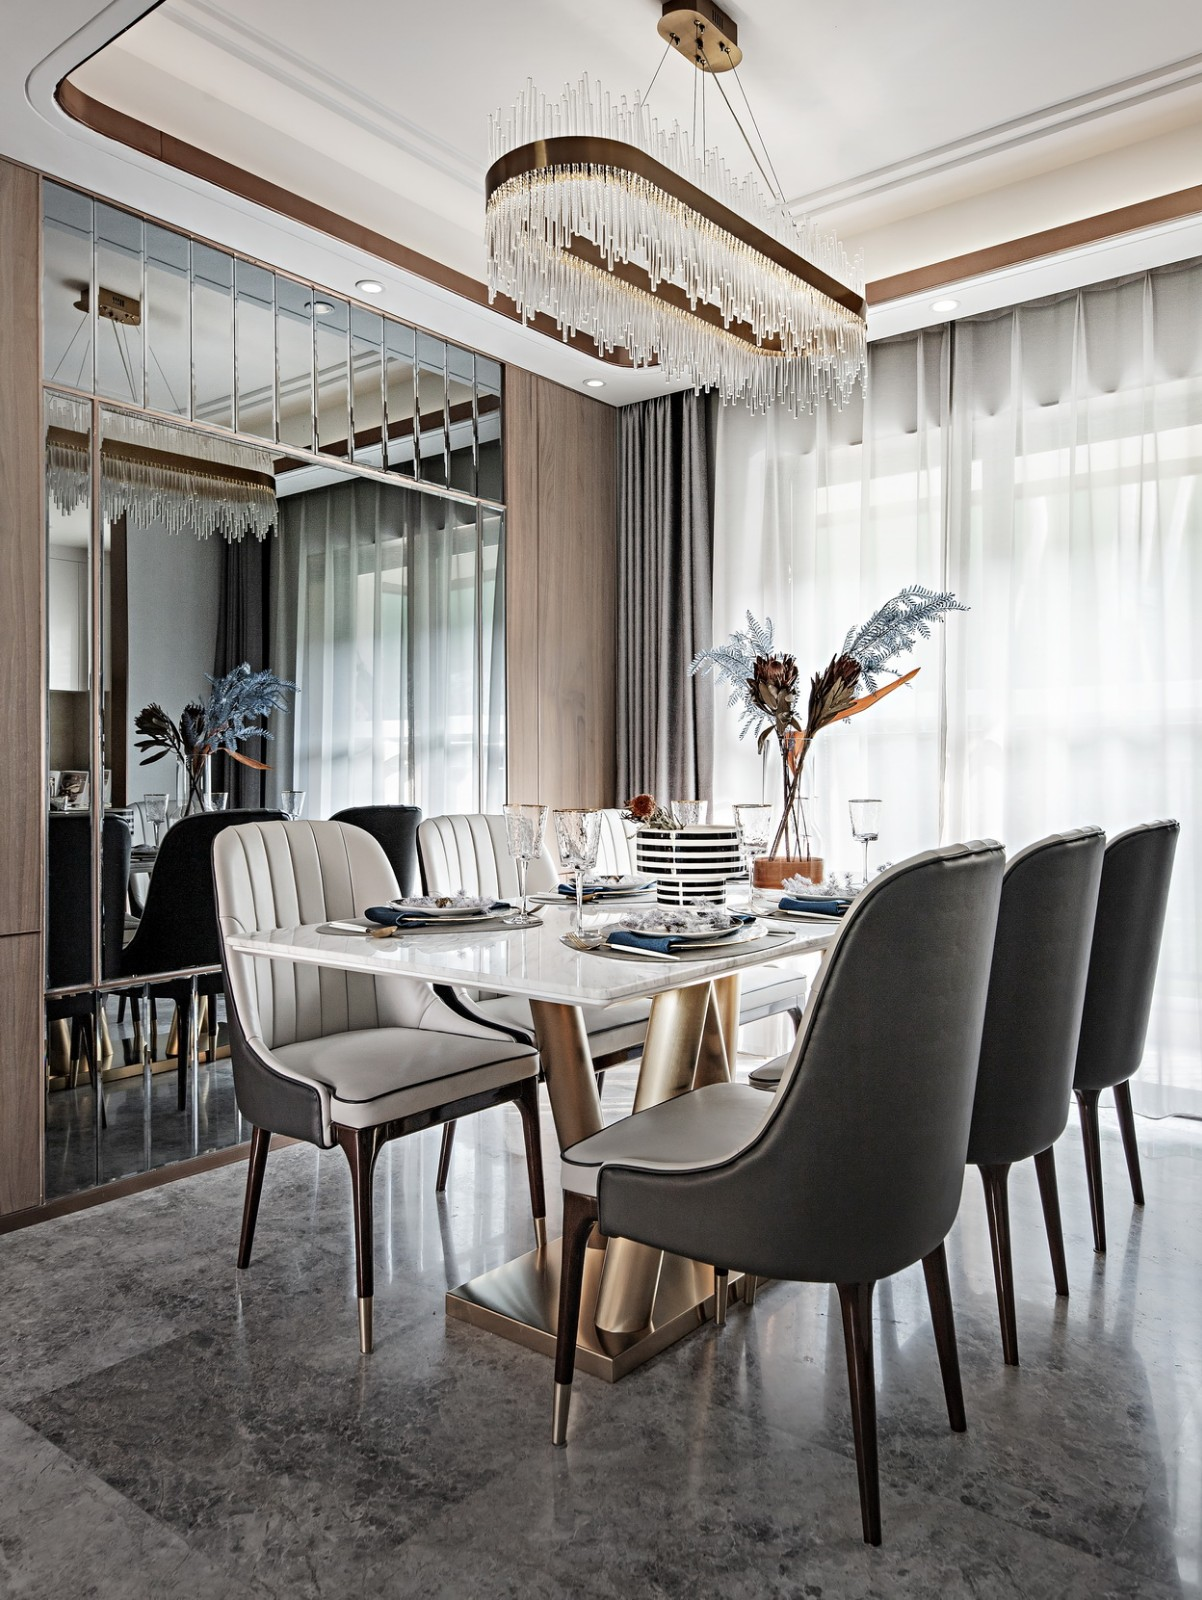 设计感极强的吊灯搭配吊顶周边的筒灯的柔和光线,整个空间优美浪漫;镜面设计让空间得以延伸,让人视觉开阔